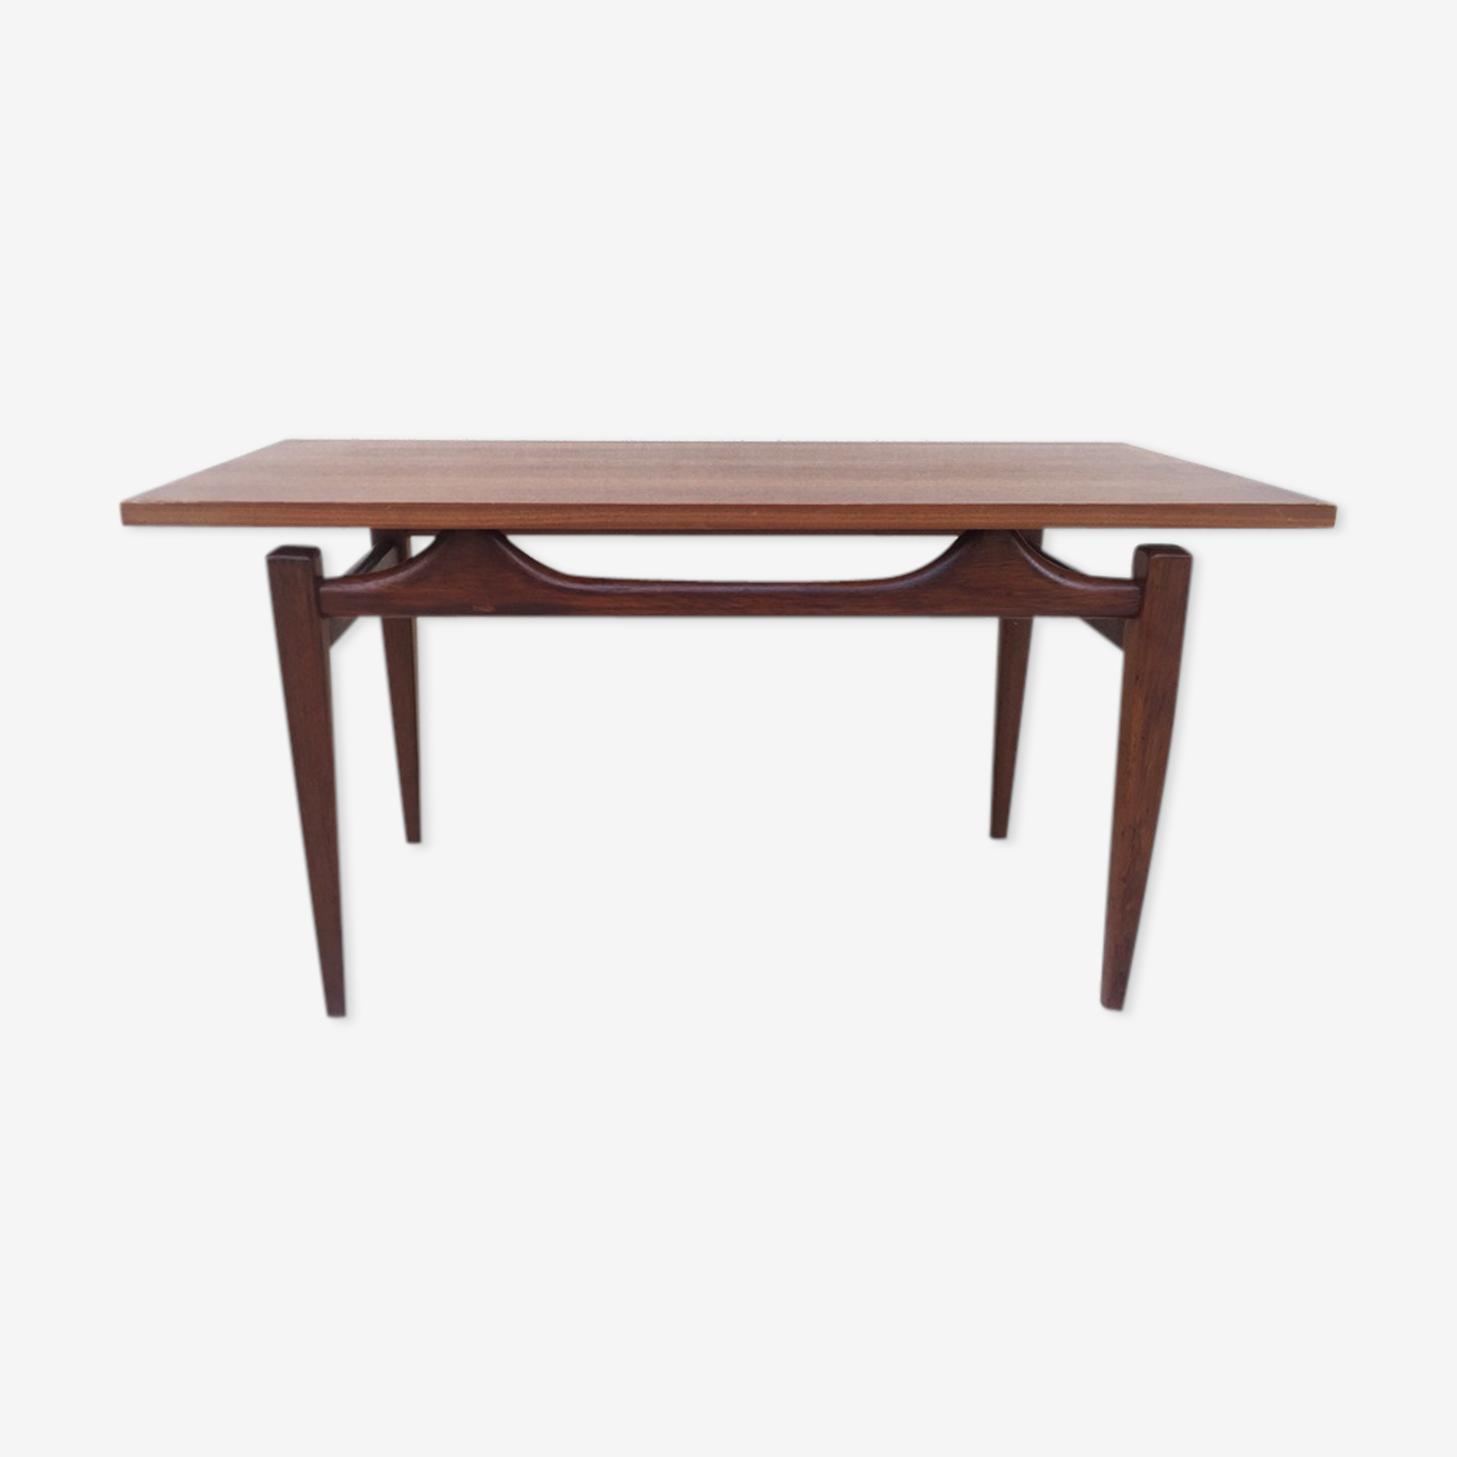 Scandinavian coffee table in teak, 1960